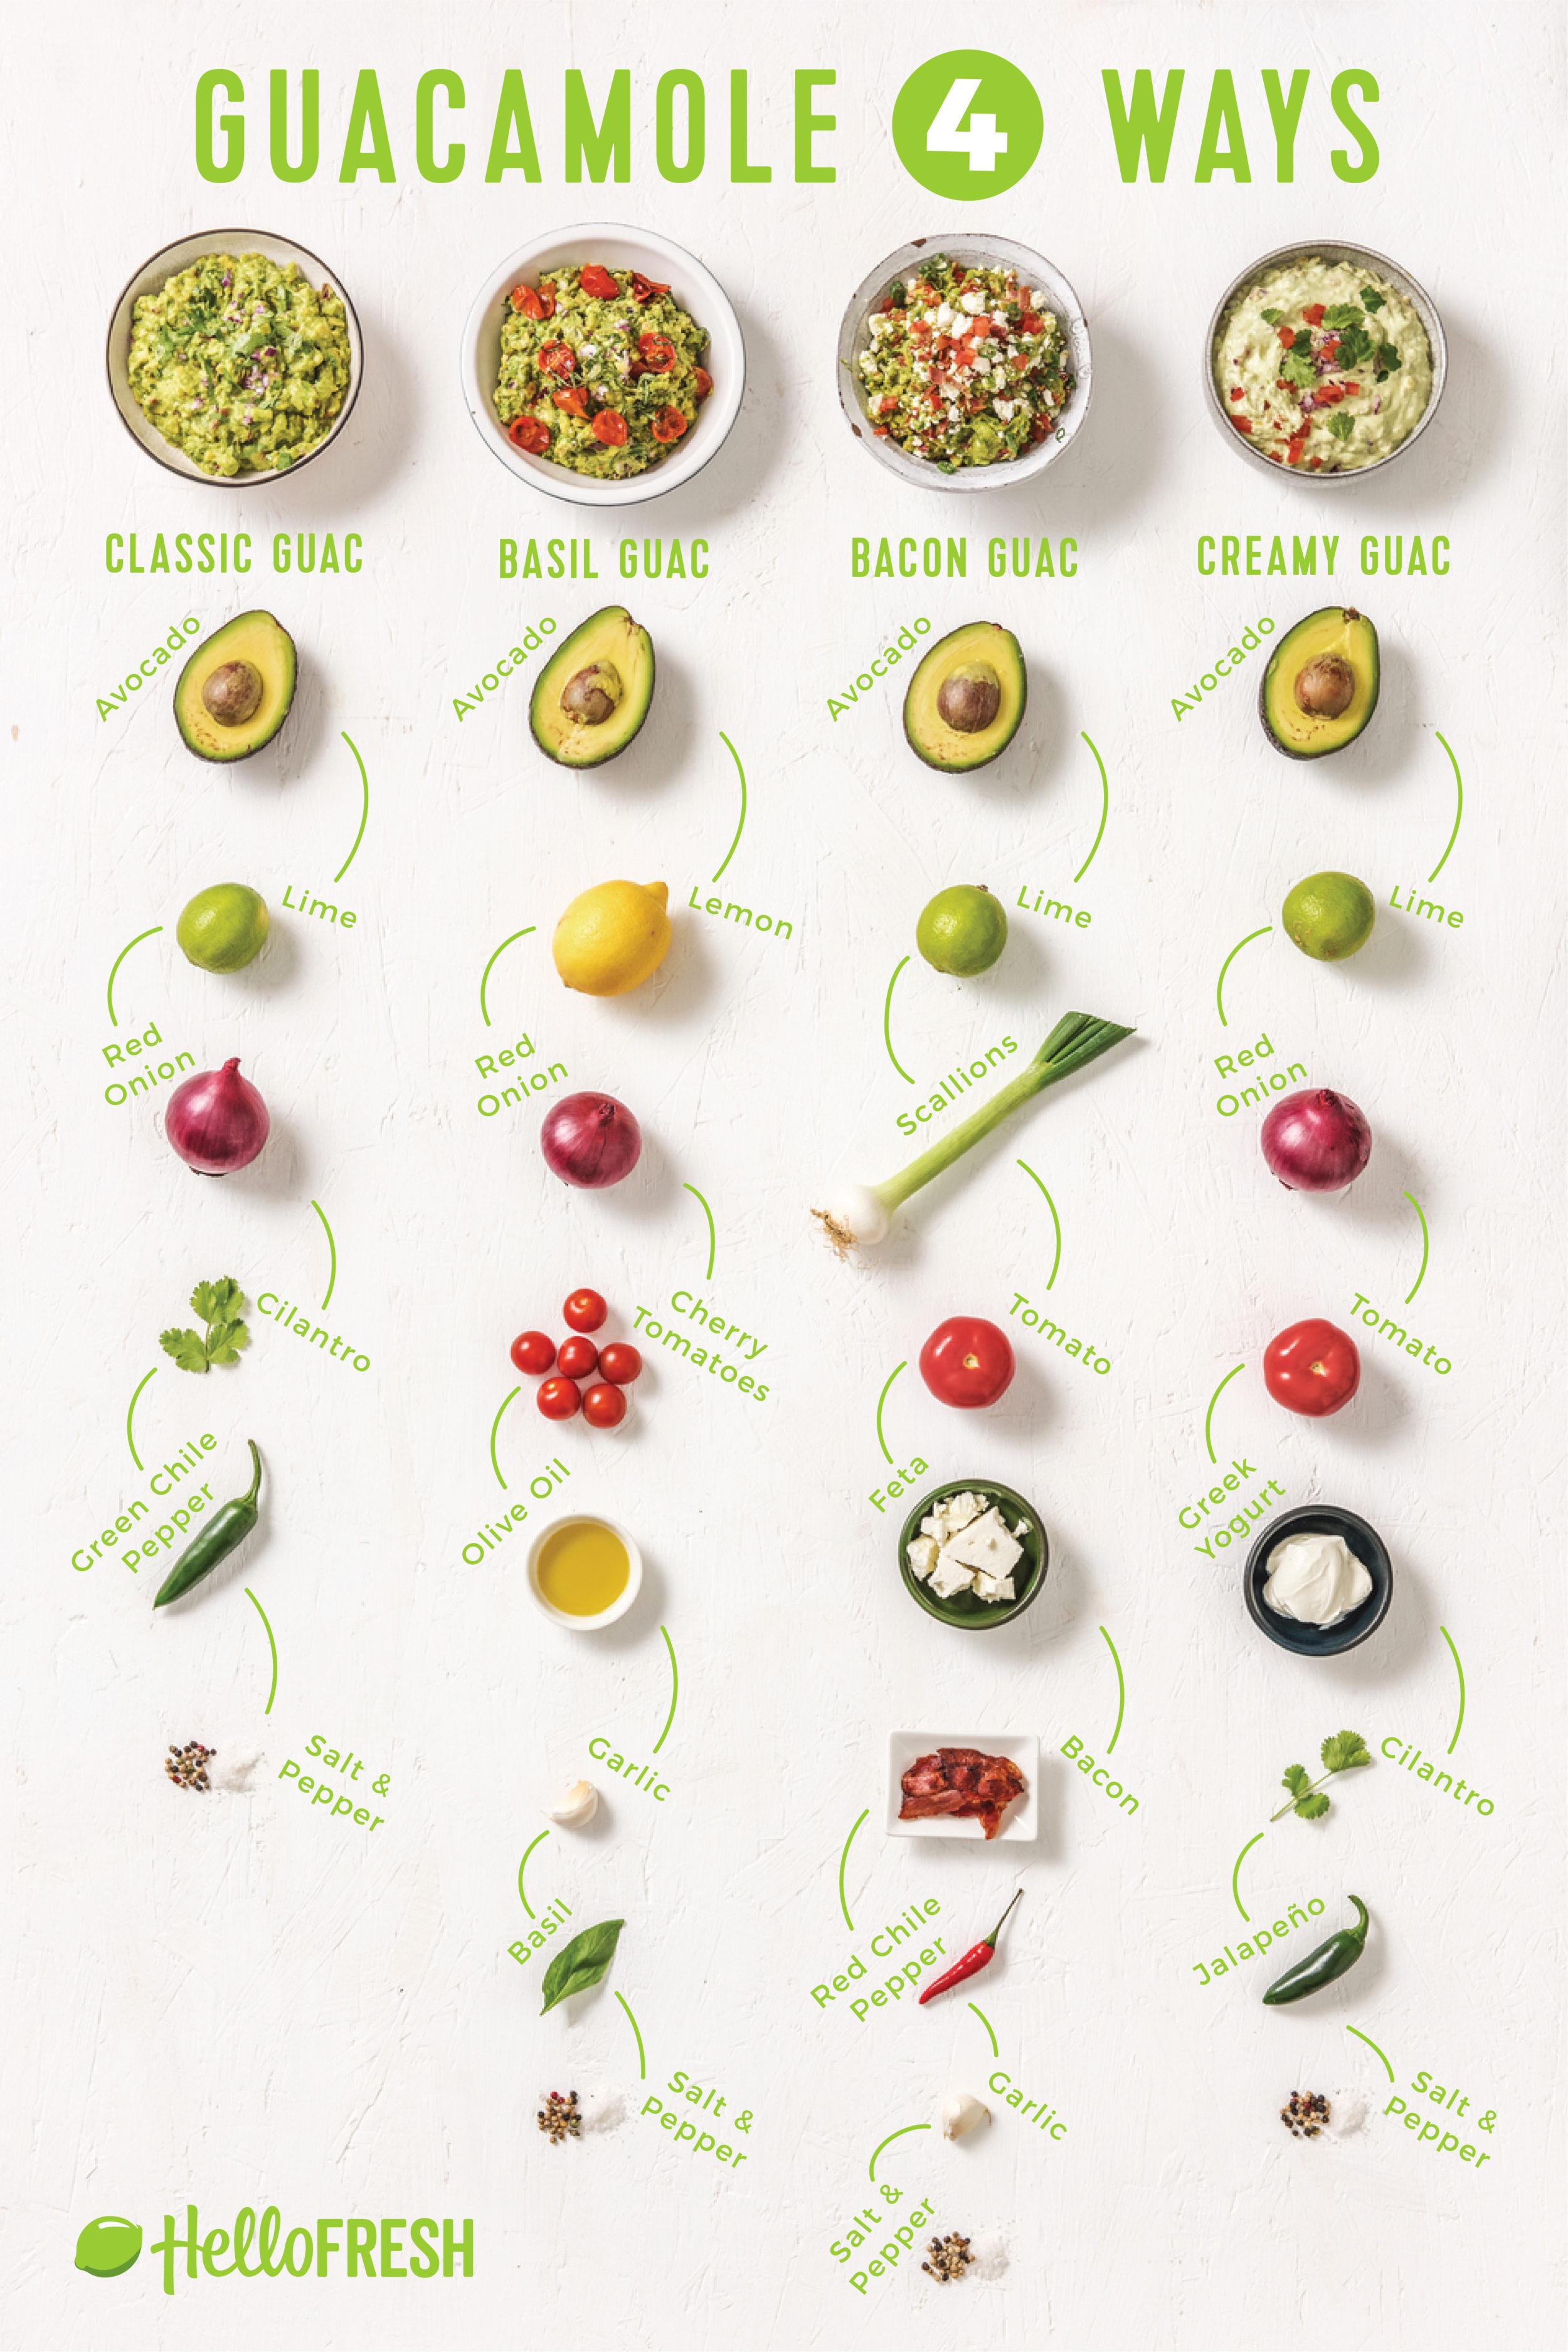 Guacamole 4 Ways